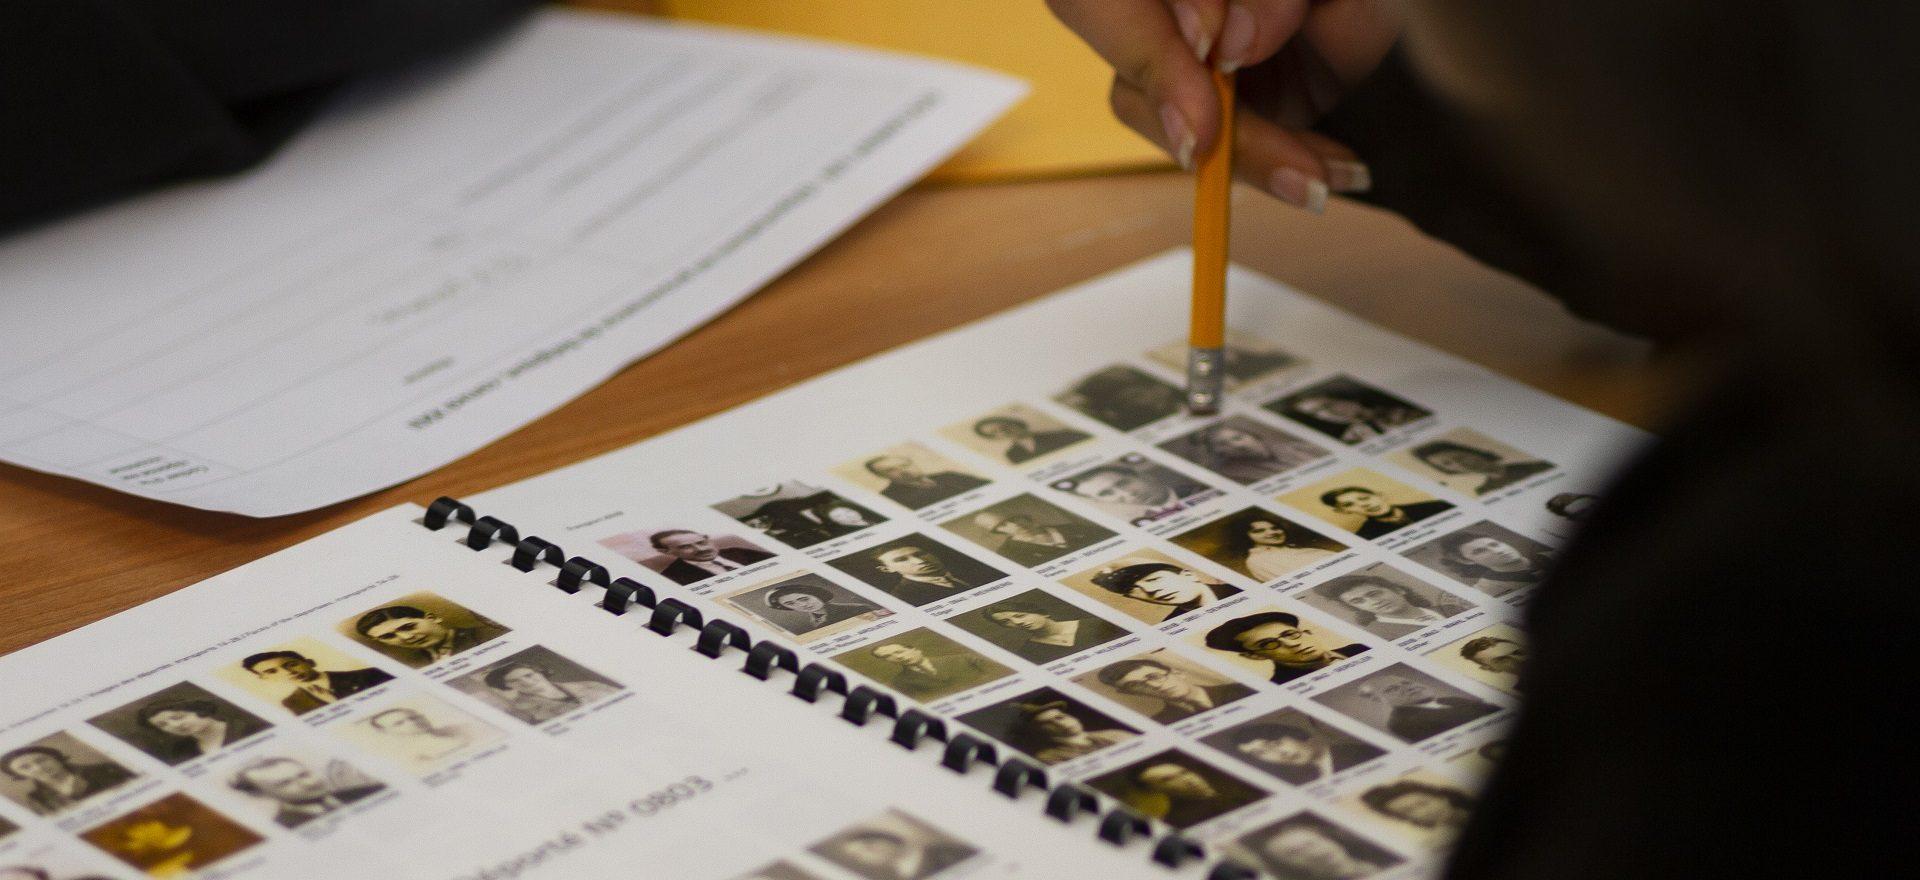 Atelier pédagogique sur la déportation au Musée de l'Holocauste Montréal. Musée de l'Holocauste Montréal, photo: Stéphanie Cousineau-Bourassa.